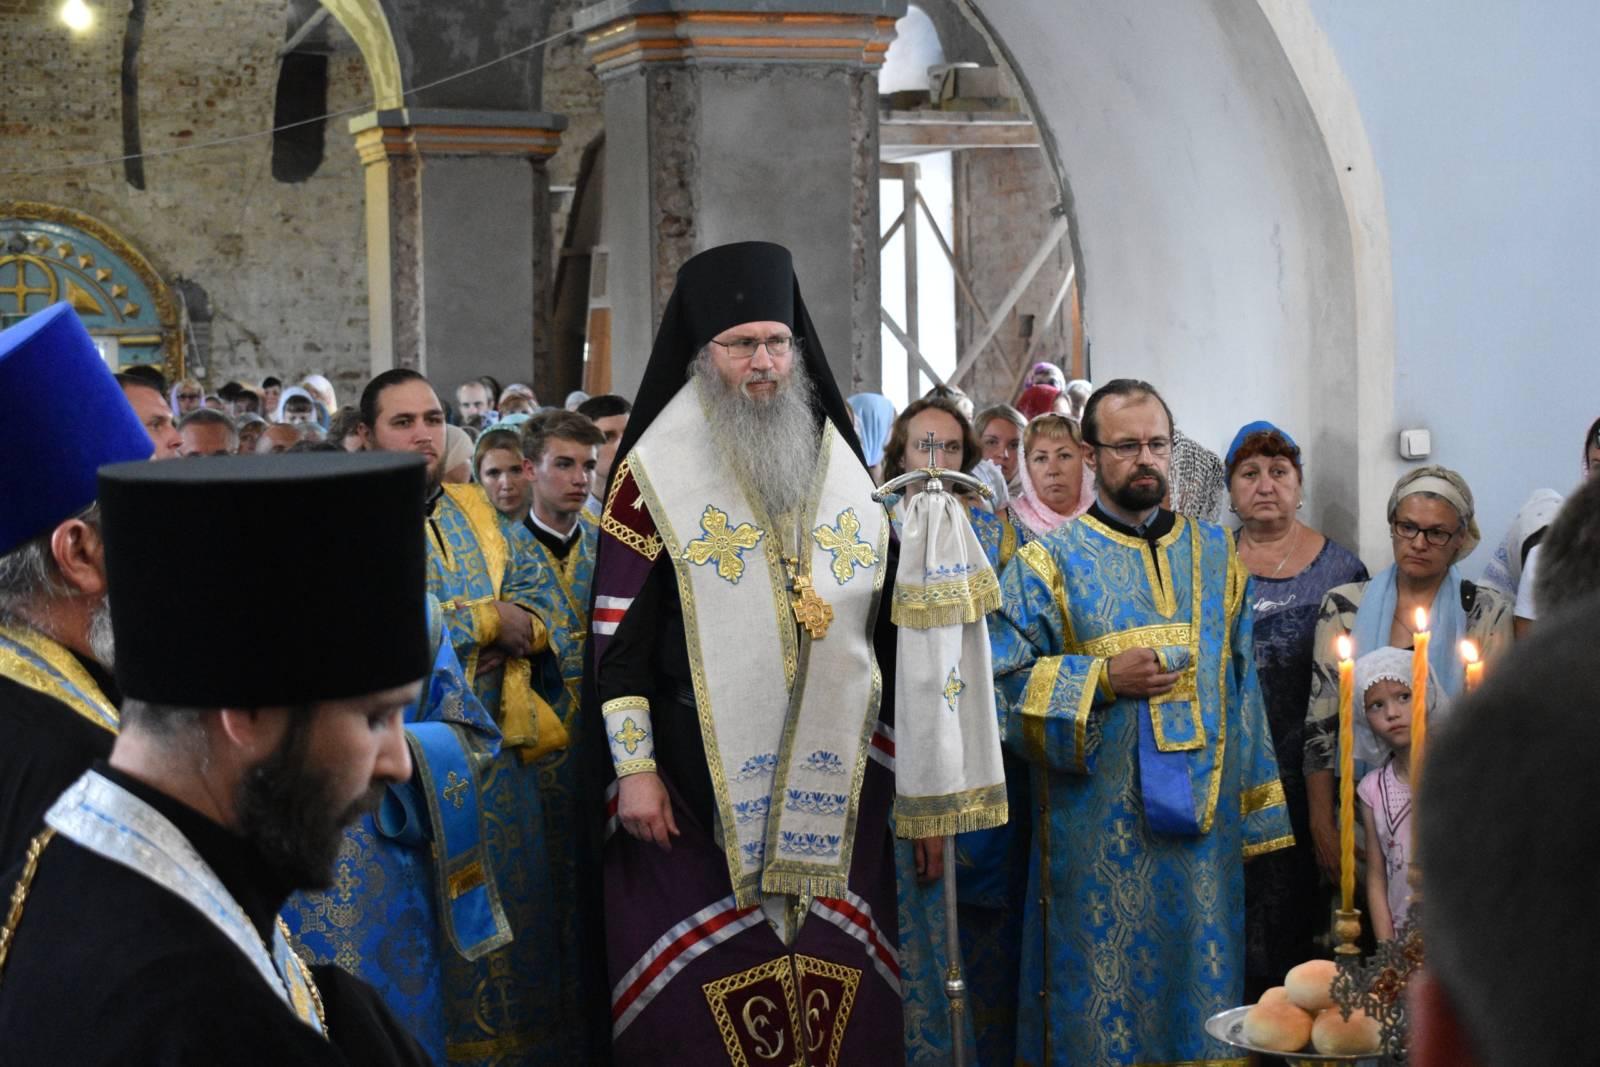 В Урюпинске началось общеепархиальное празднование явления Урюпинской иконы Божией Матери.